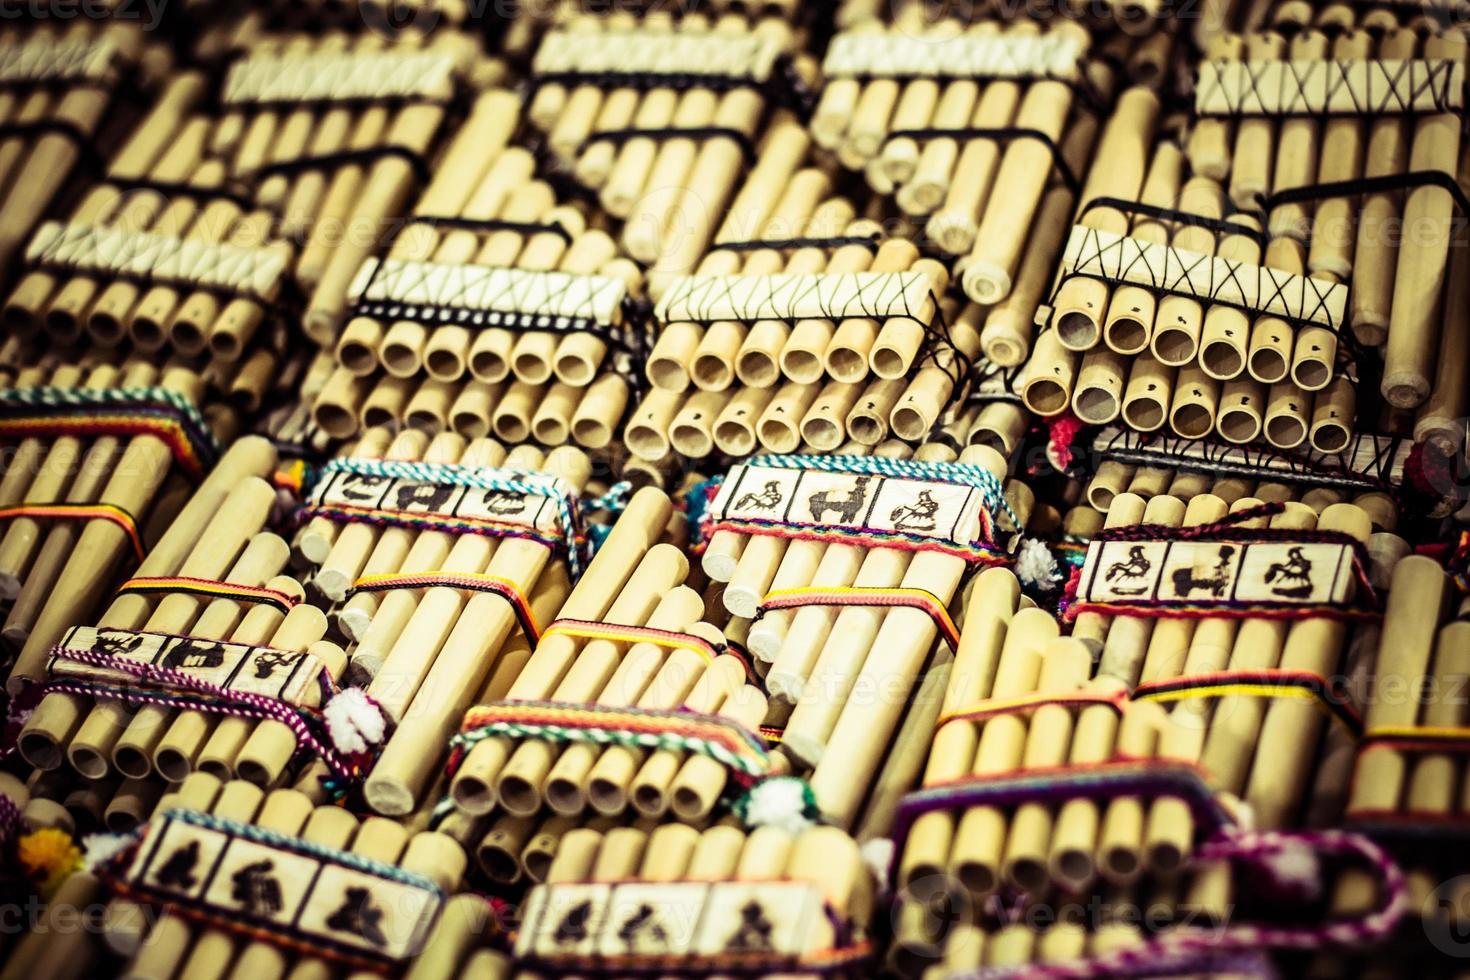 authentiques flûtes sud-américaines sur le marché local au Pérou. photo